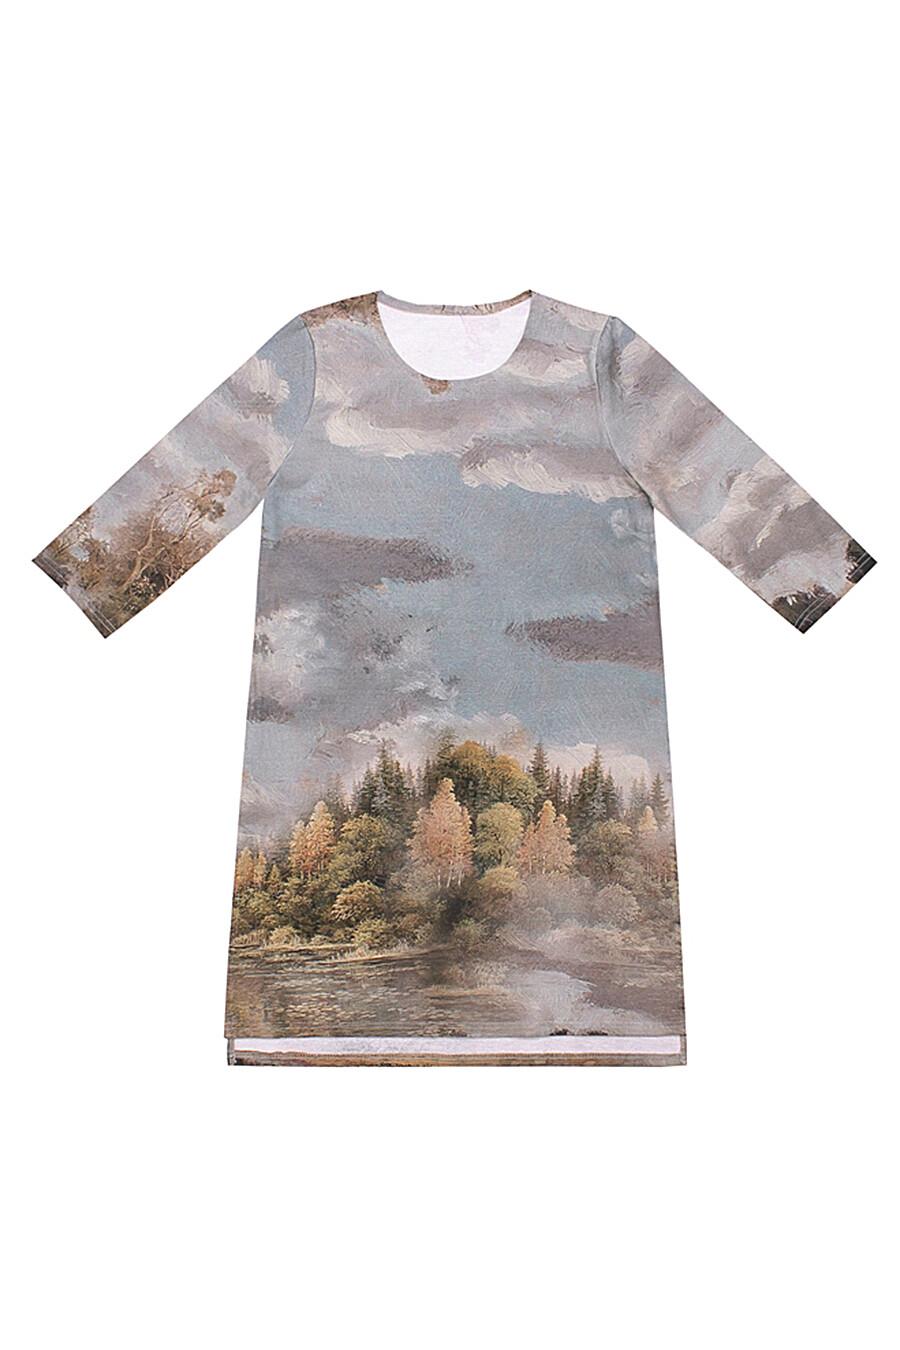 Джемпер для женщин Archi 131444 купить оптом от производителя. Совместная покупка женской одежды в OptMoyo